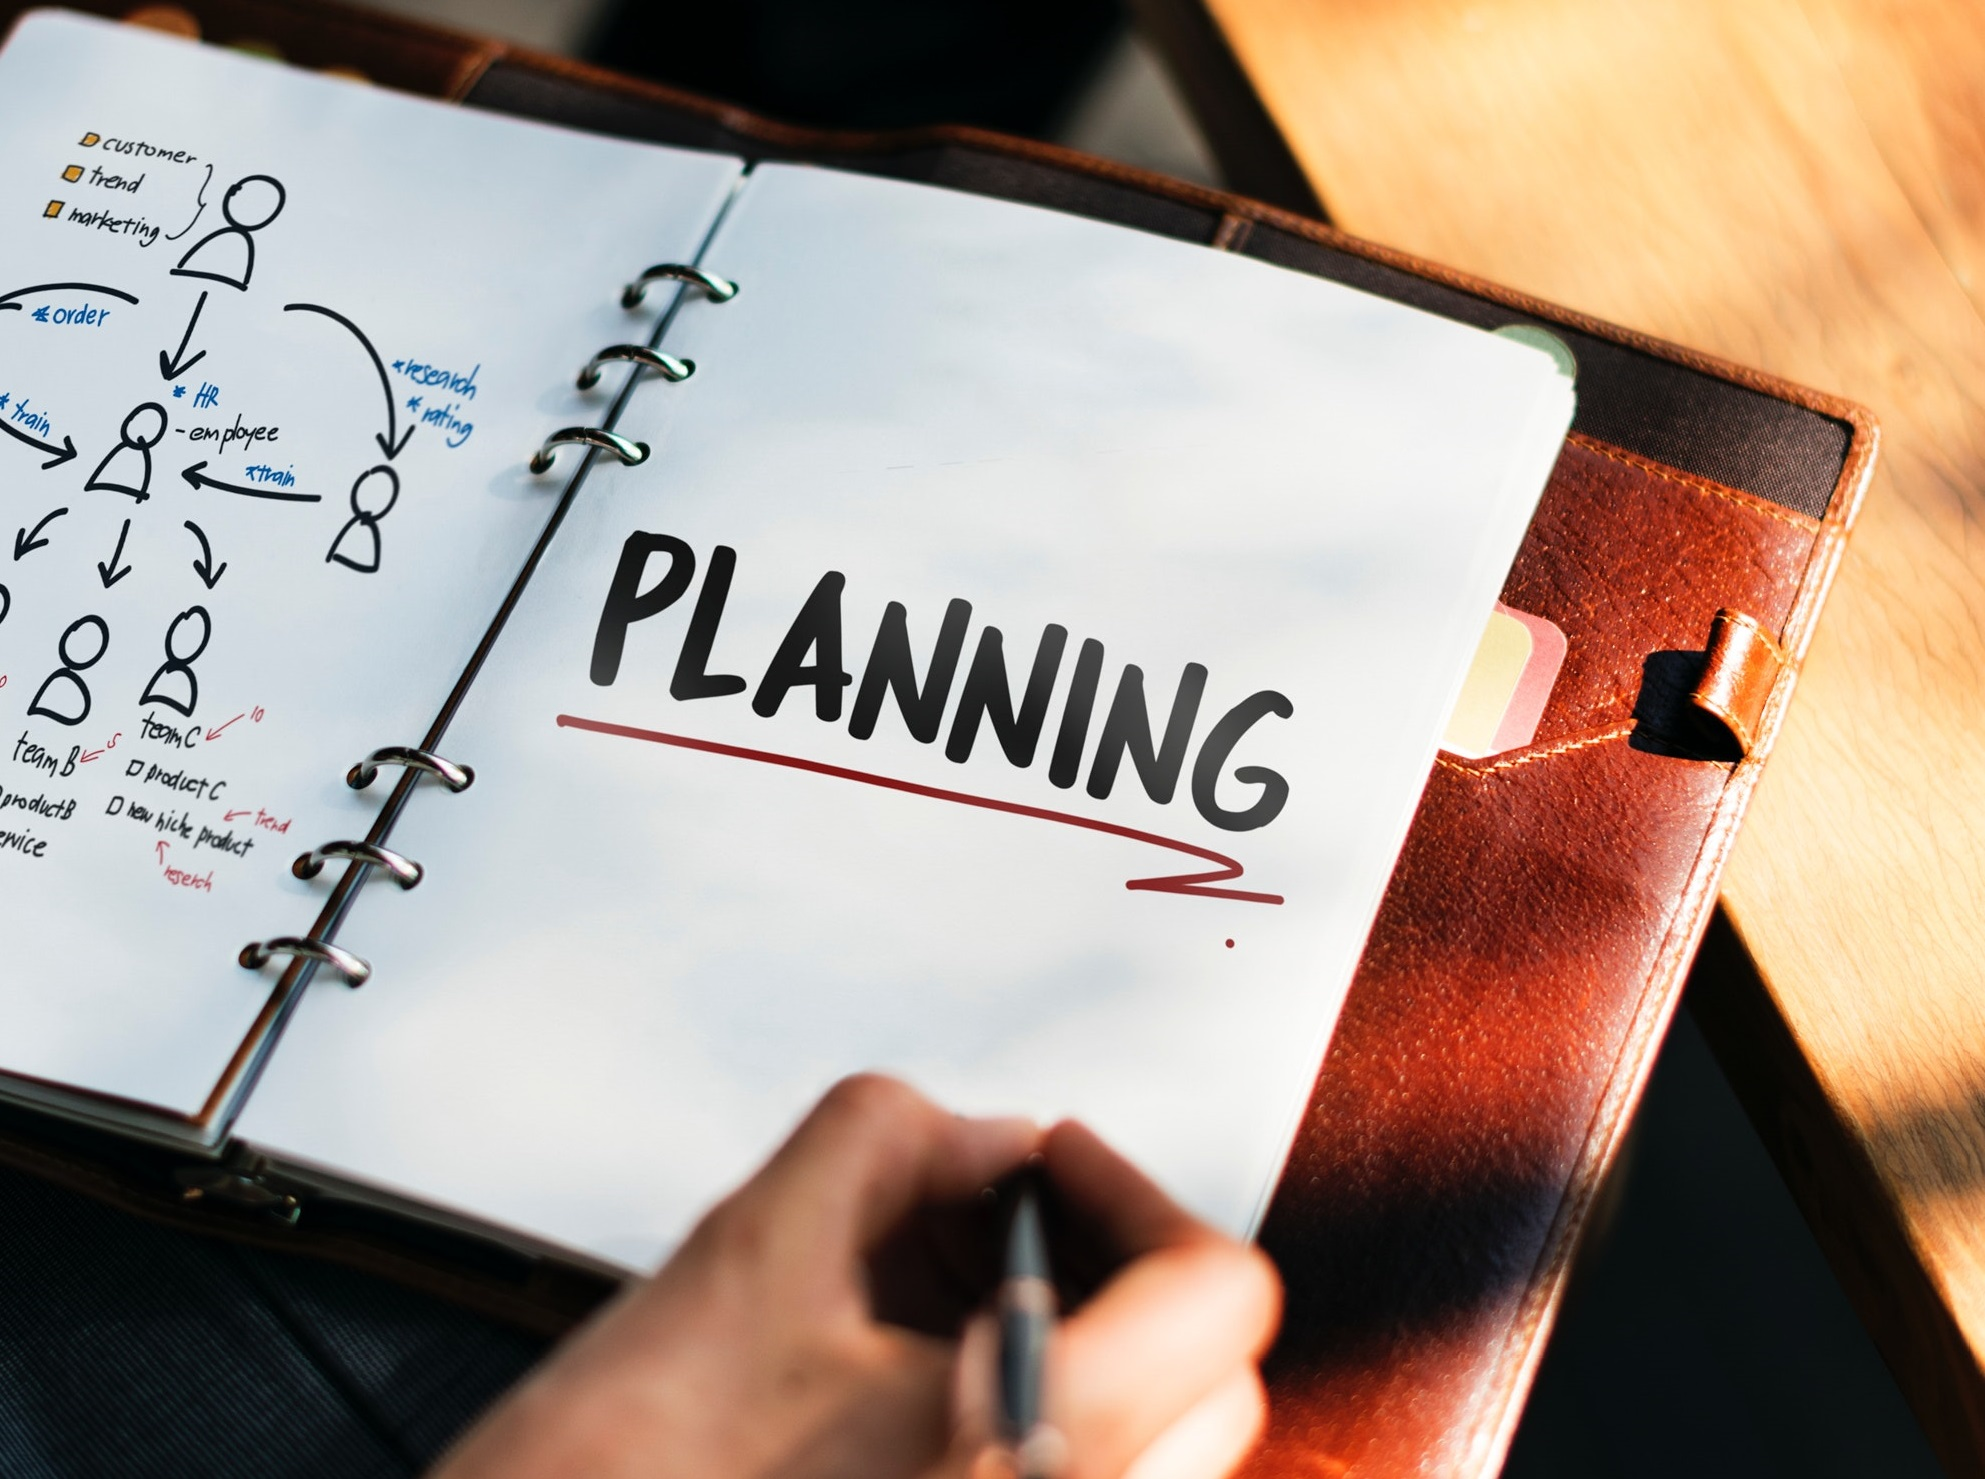 【職涯規劃】想辭職又糾結?從這三個角度思考,做出對你最有幫助的決定